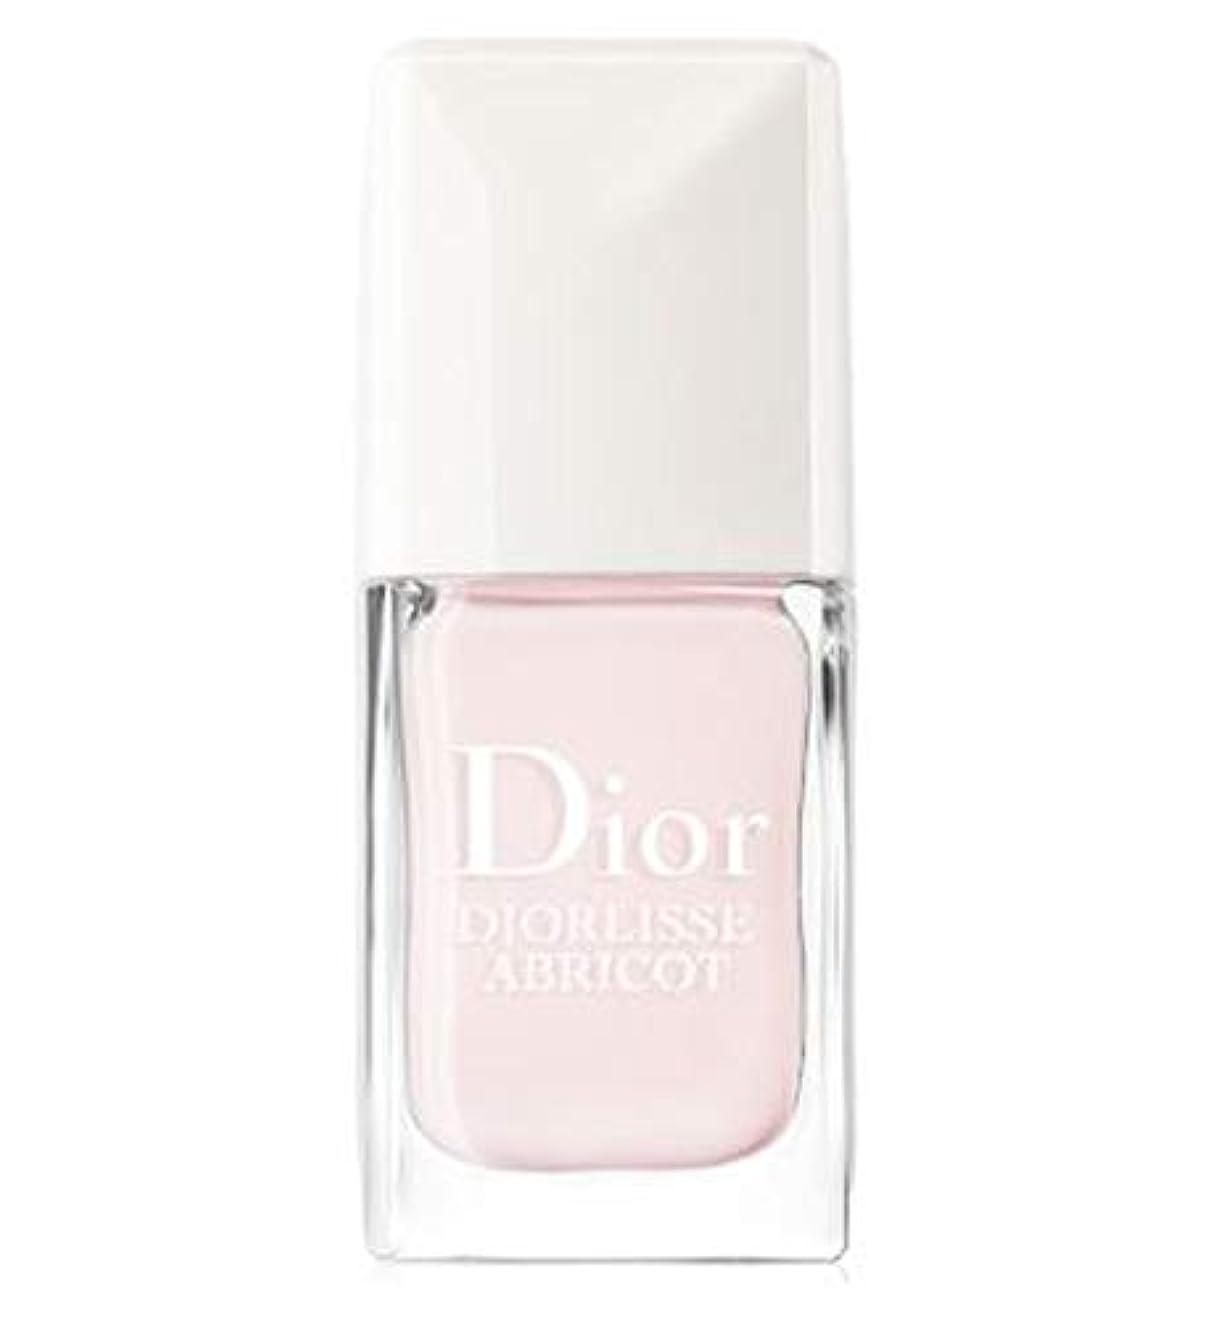 酸化物ピカリング再集計[Dior ] ピンクの花びらの10ミリリットルで完成ネイルケアを平滑化Abricot Diorlisse - Diorlisse Abricot Smoothing Perfecting Nail Care In Pink Petal 10Ml [並行輸入品]